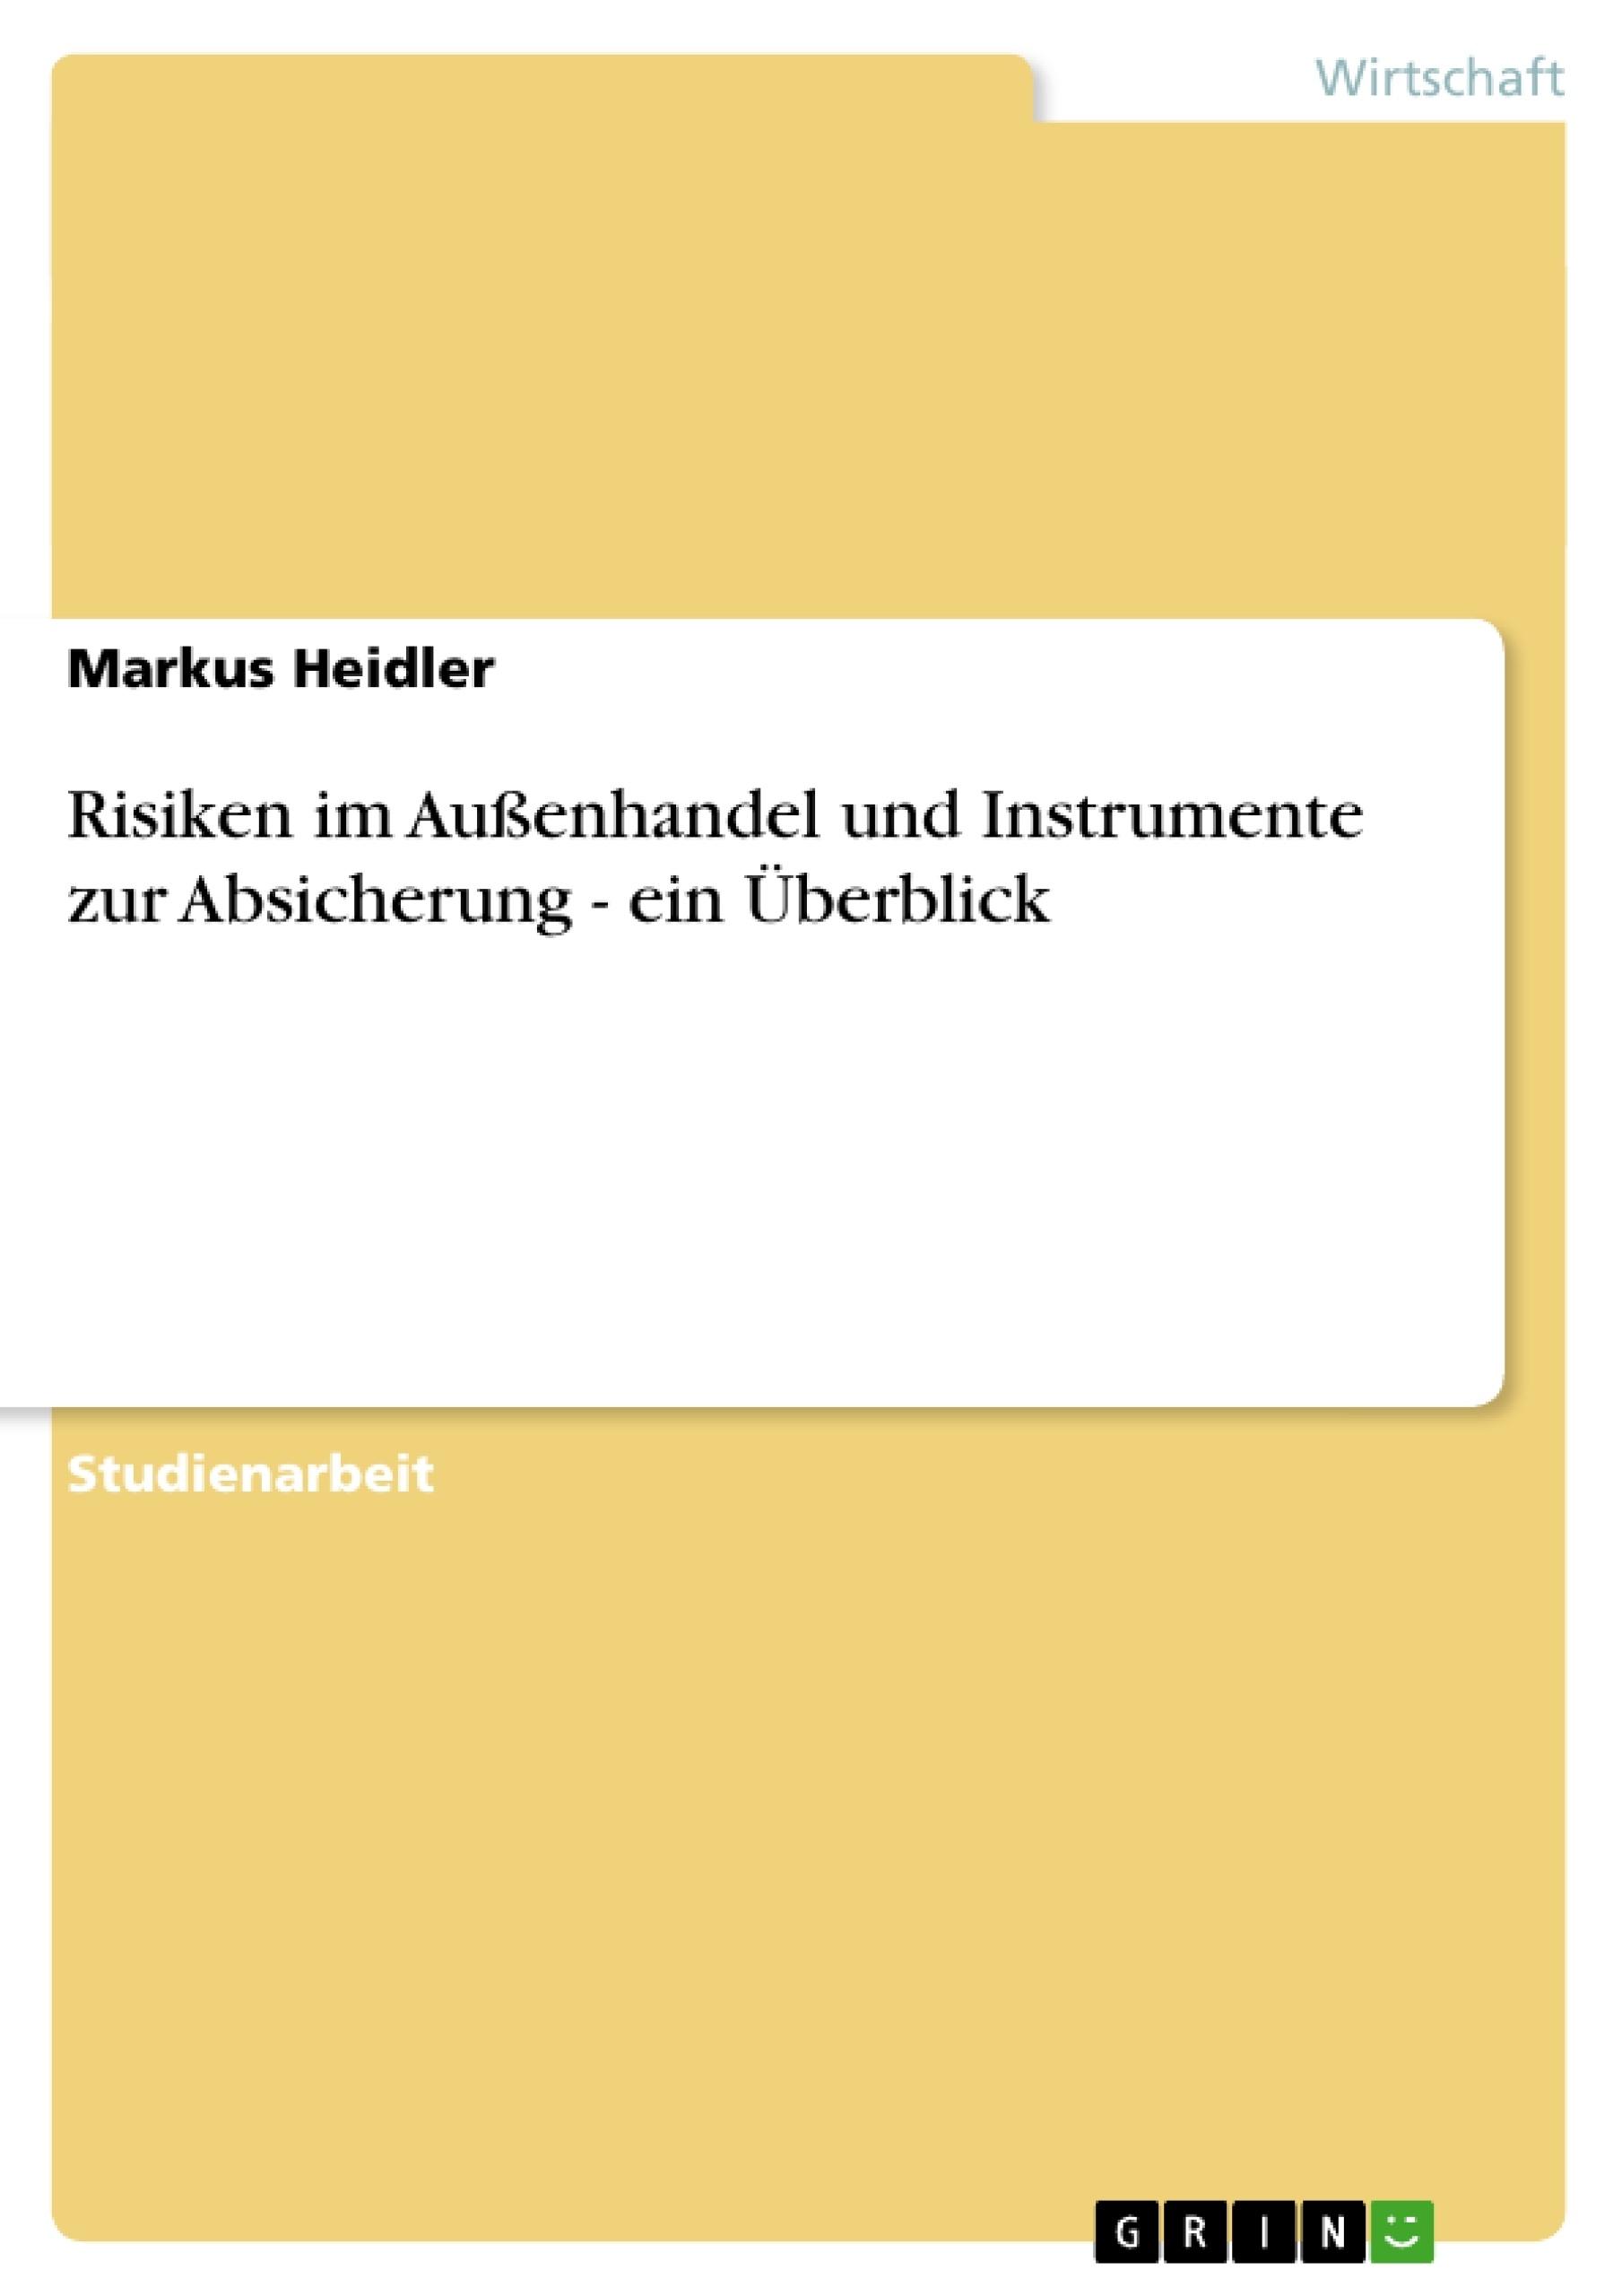 Titel: Risiken im Außenhandel und Instrumente zur Absicherung - ein Überblick